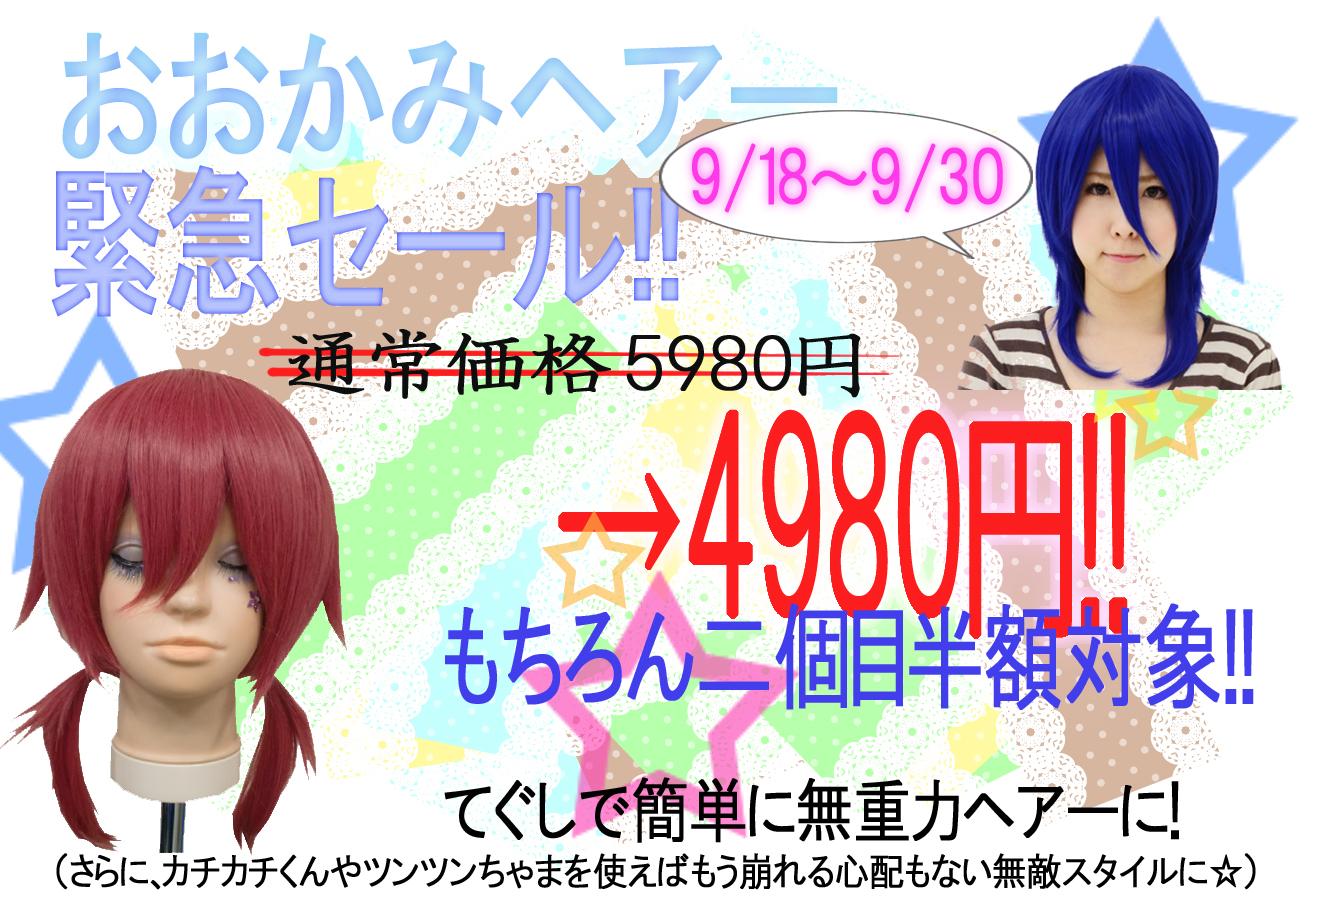 http://ikebukuro.anihiro.jp/wolfPOP%E3%81%AE%E3%82%B3%E3%83%94%E3%83%BC.jpg